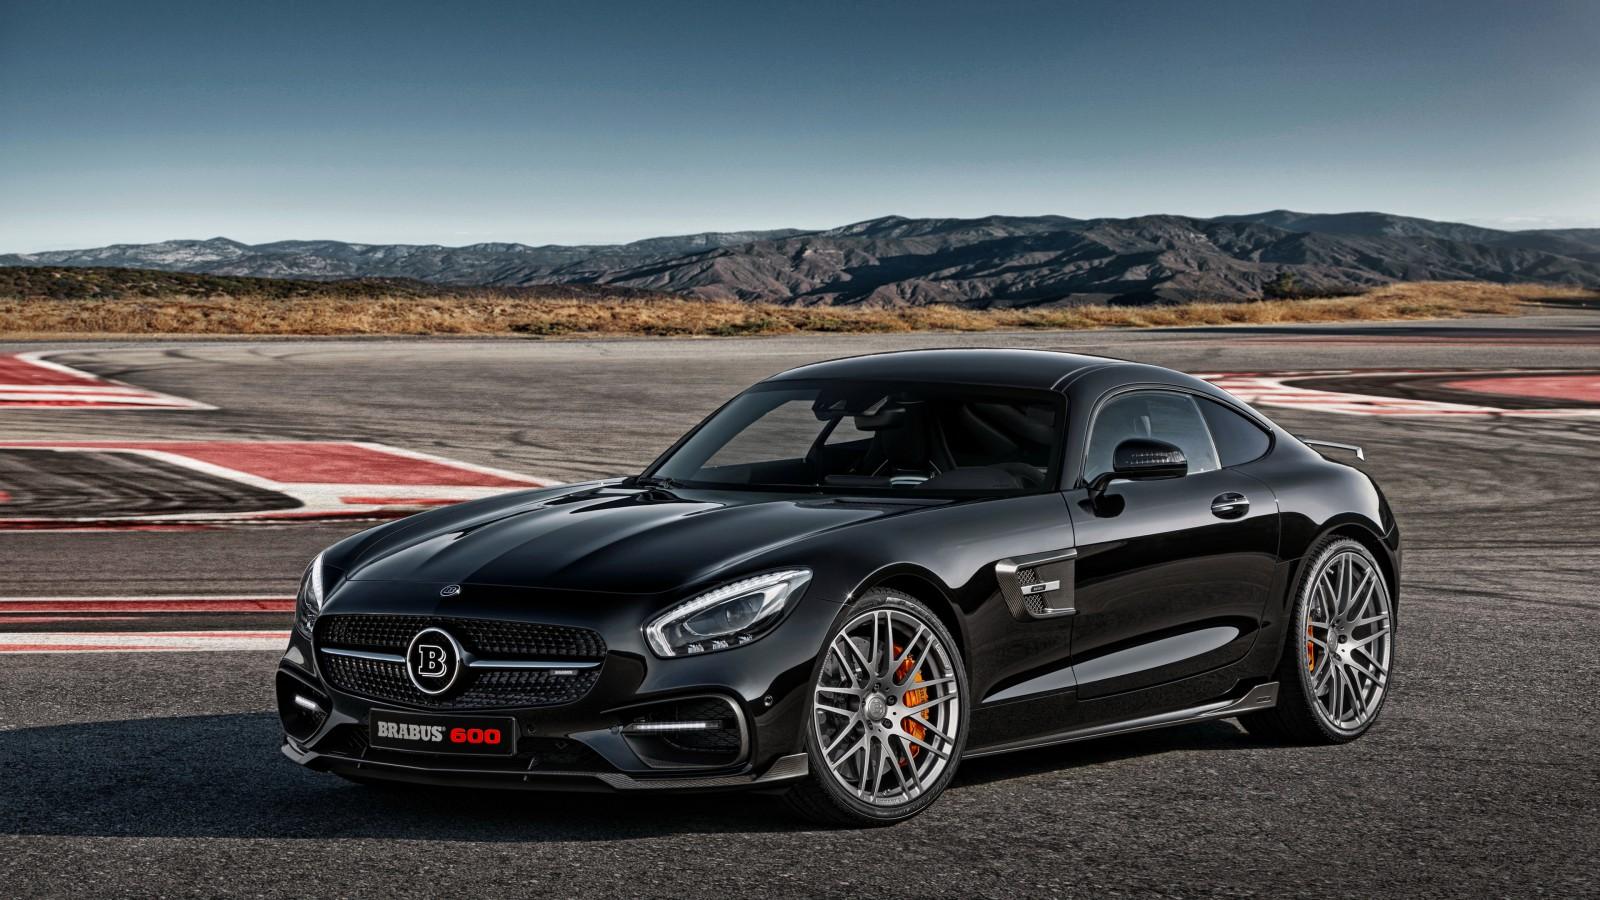 Mercedes Amg Wallpaper Download 1600x900